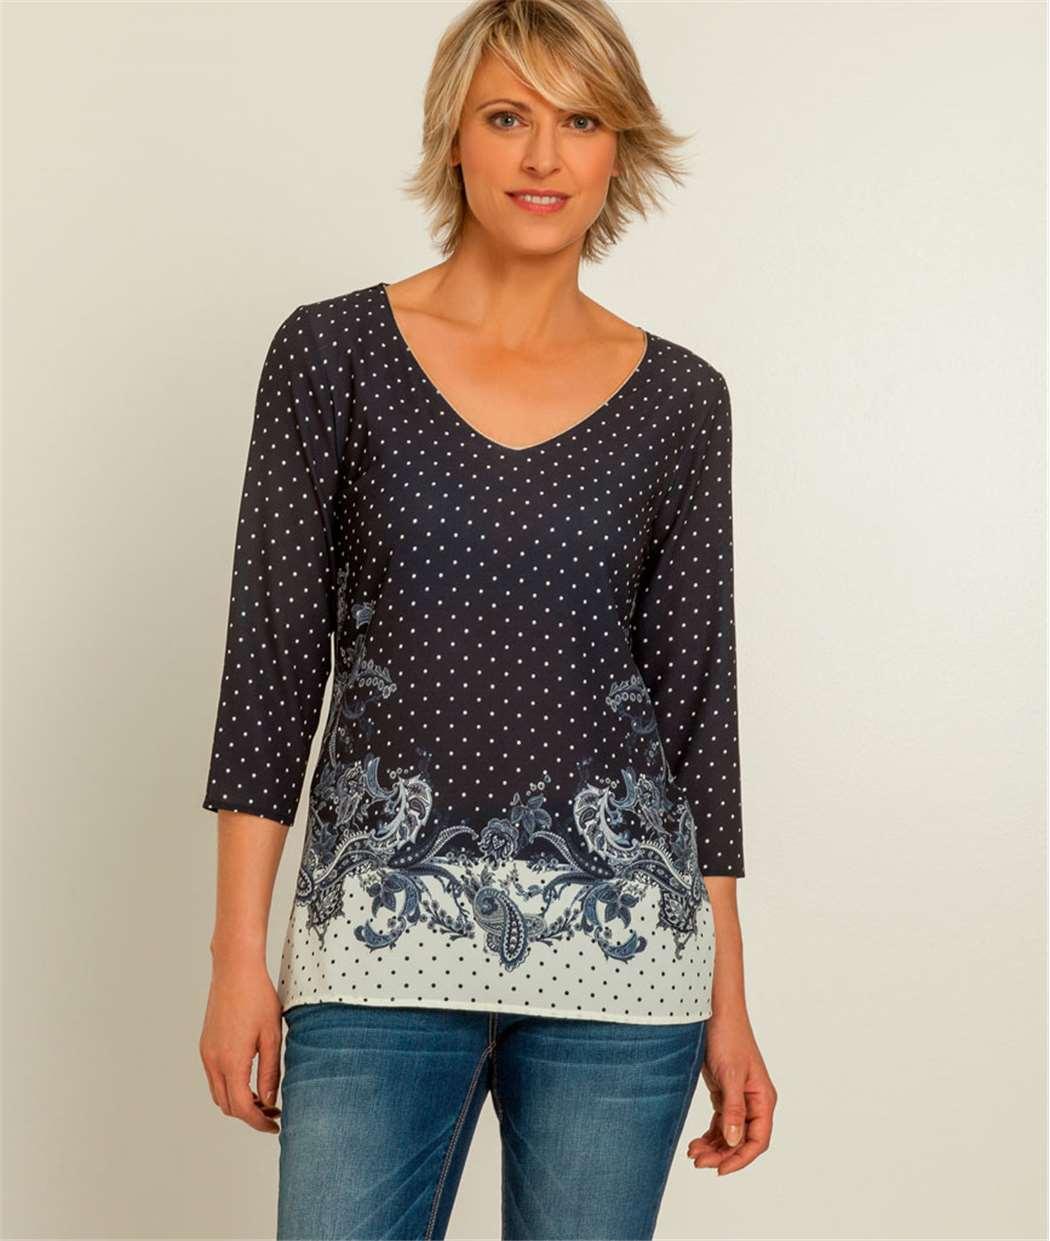 T-shirt femme tunique imprimée BLEU MARINE